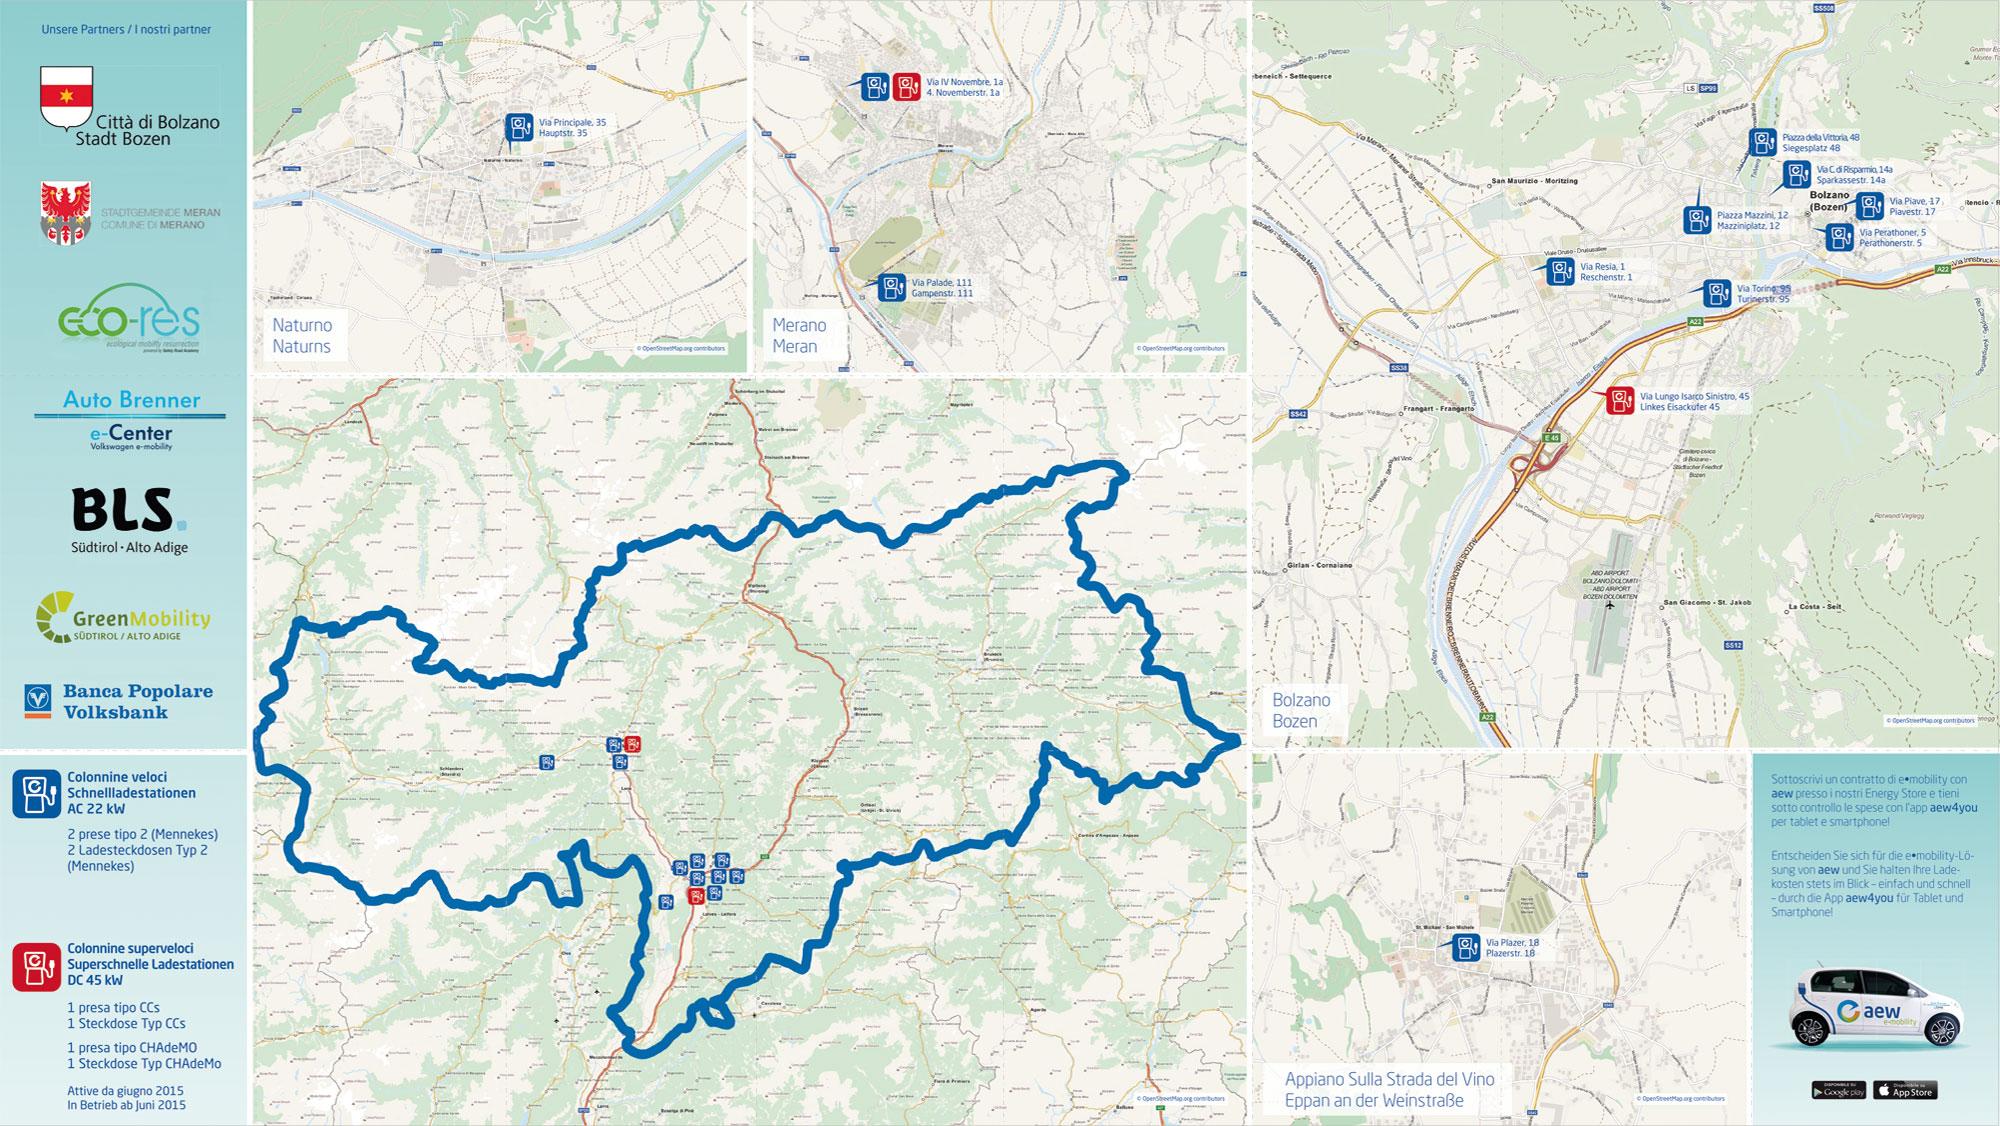 AEW Servizi Energetici Bolzano Mappa Tascabile